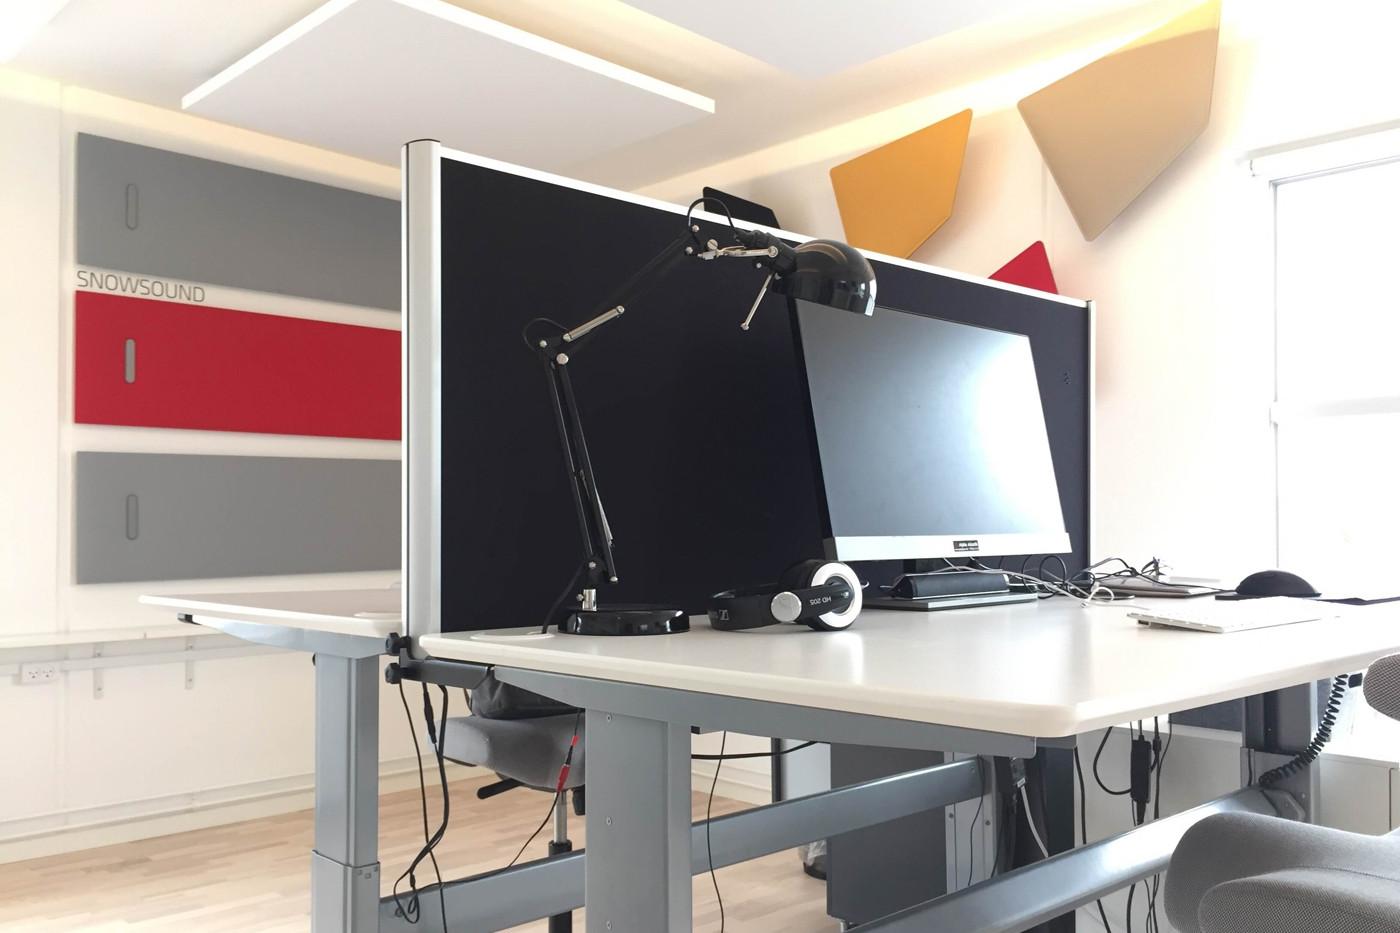 Alpha Bordskærm på kontor kombineret med akustik på væggene